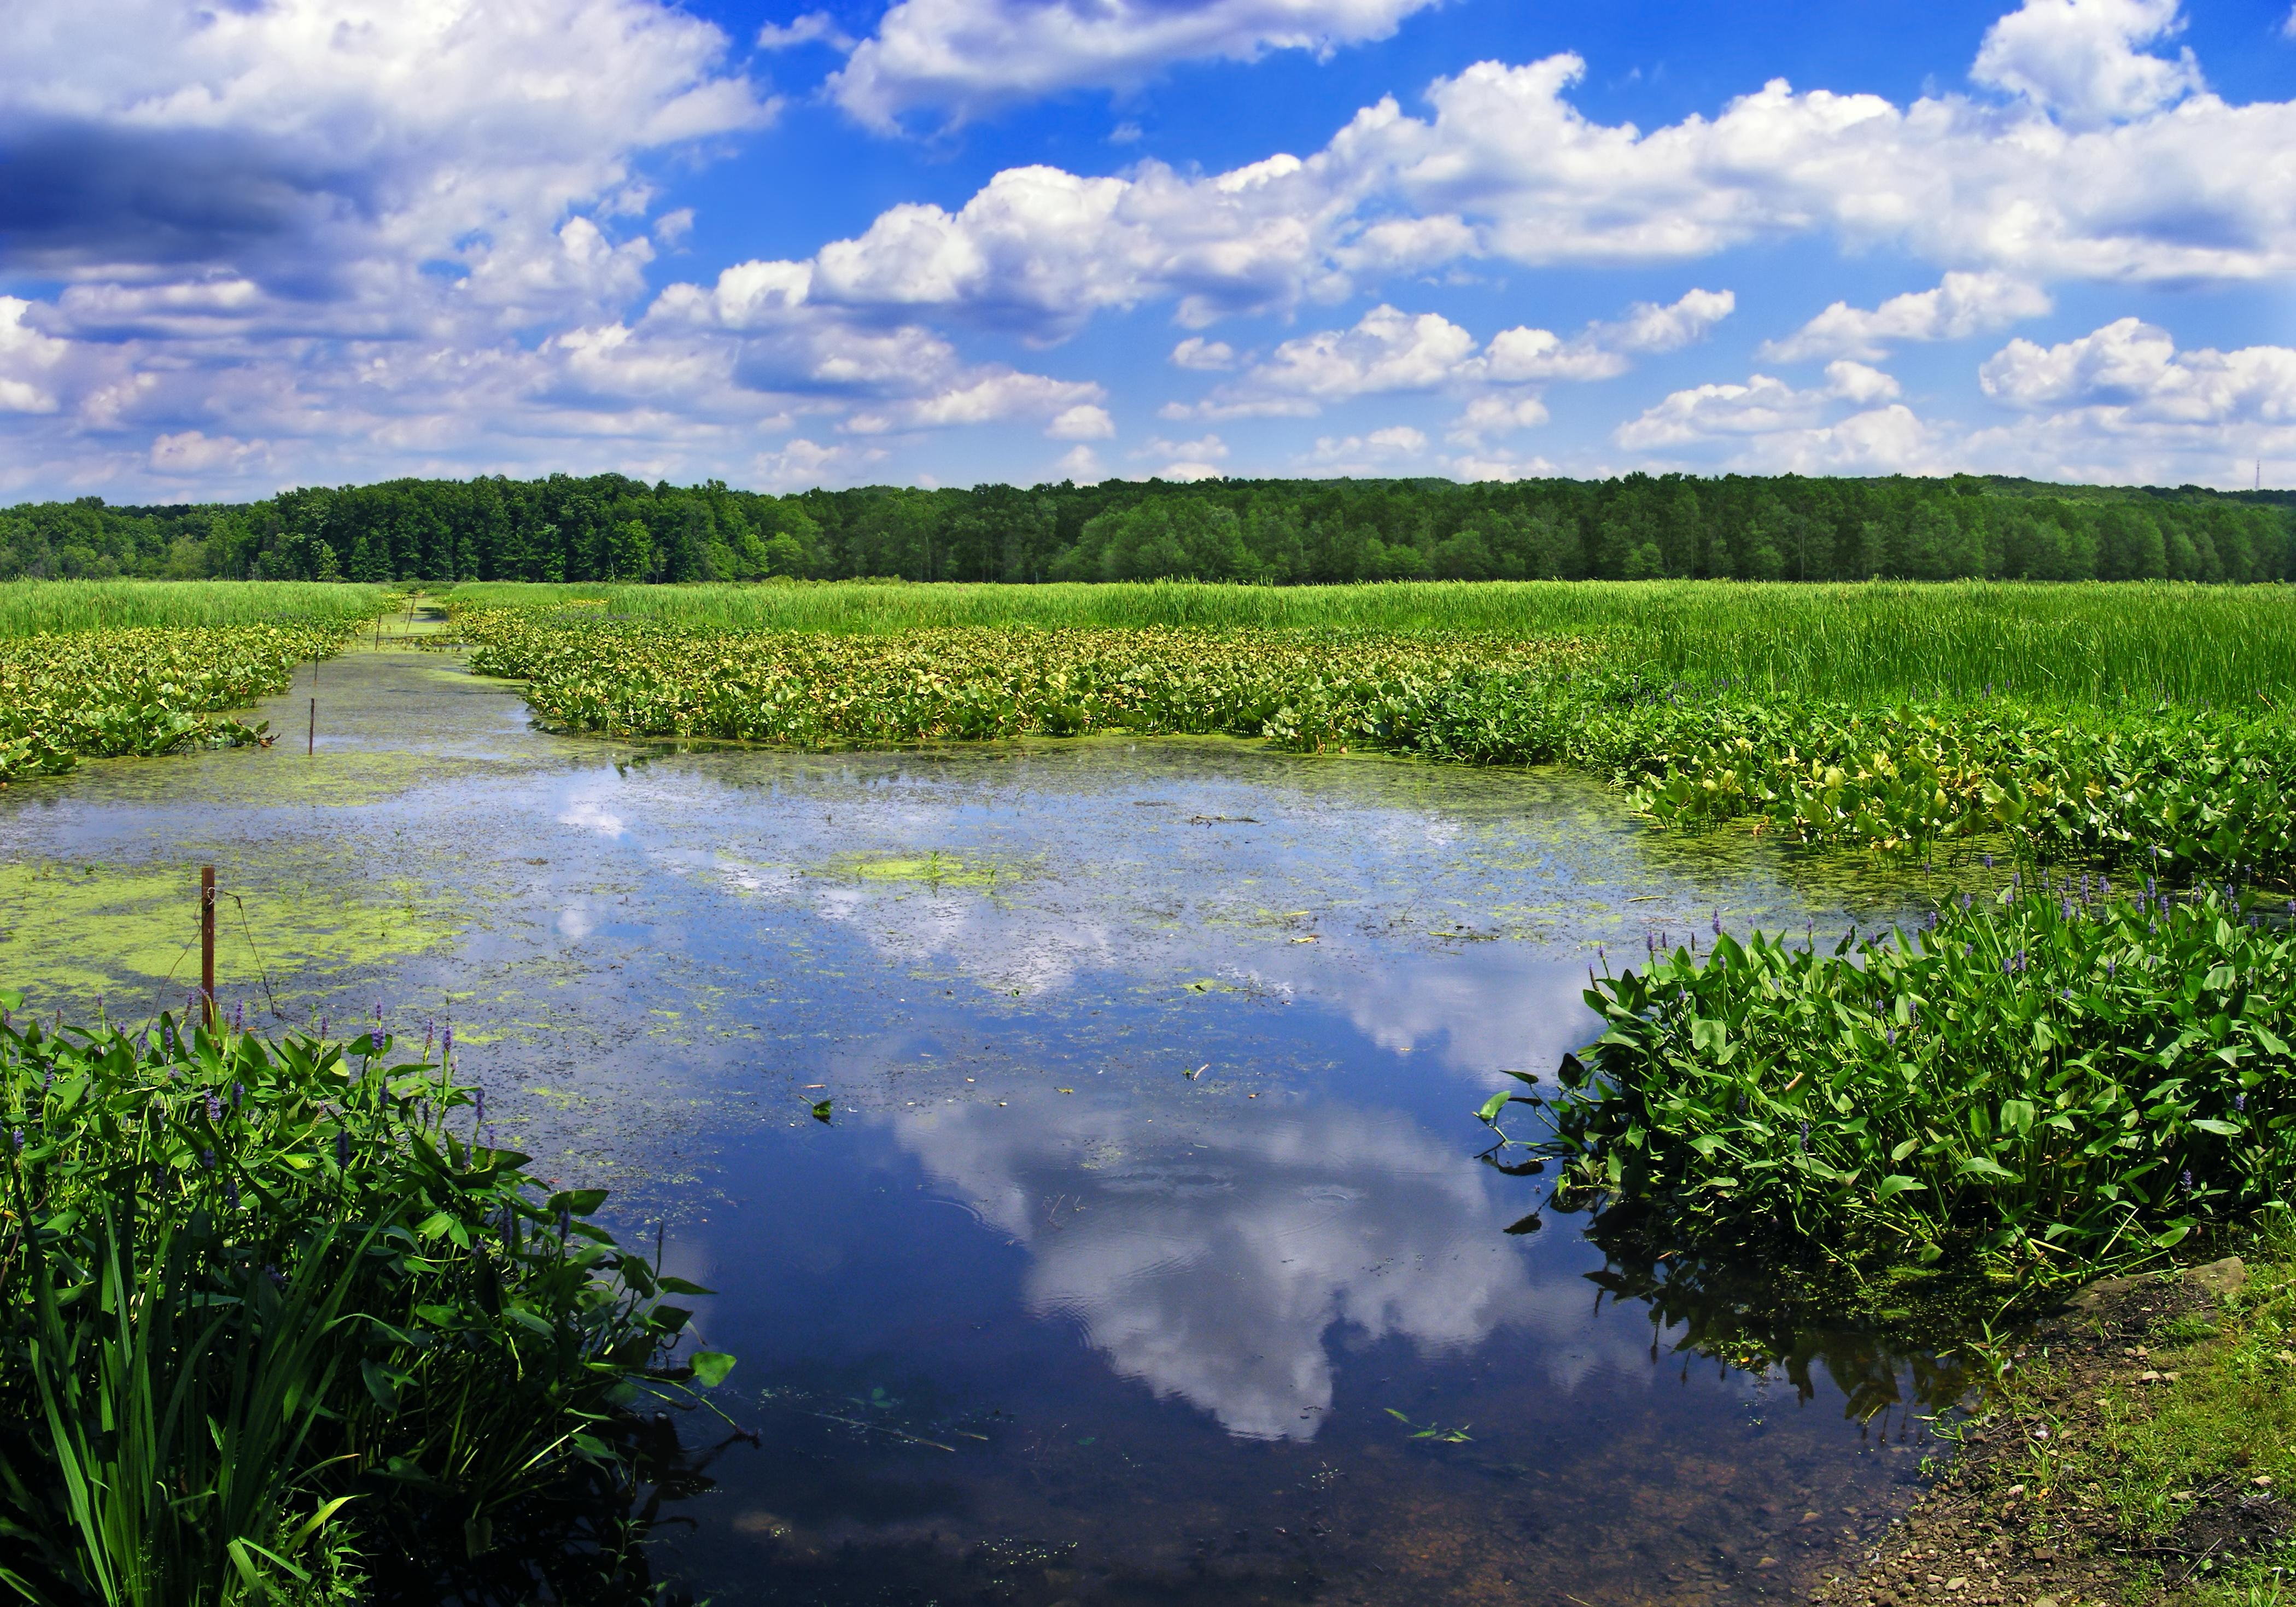 огромным картинки рек озер болот украины автоматически